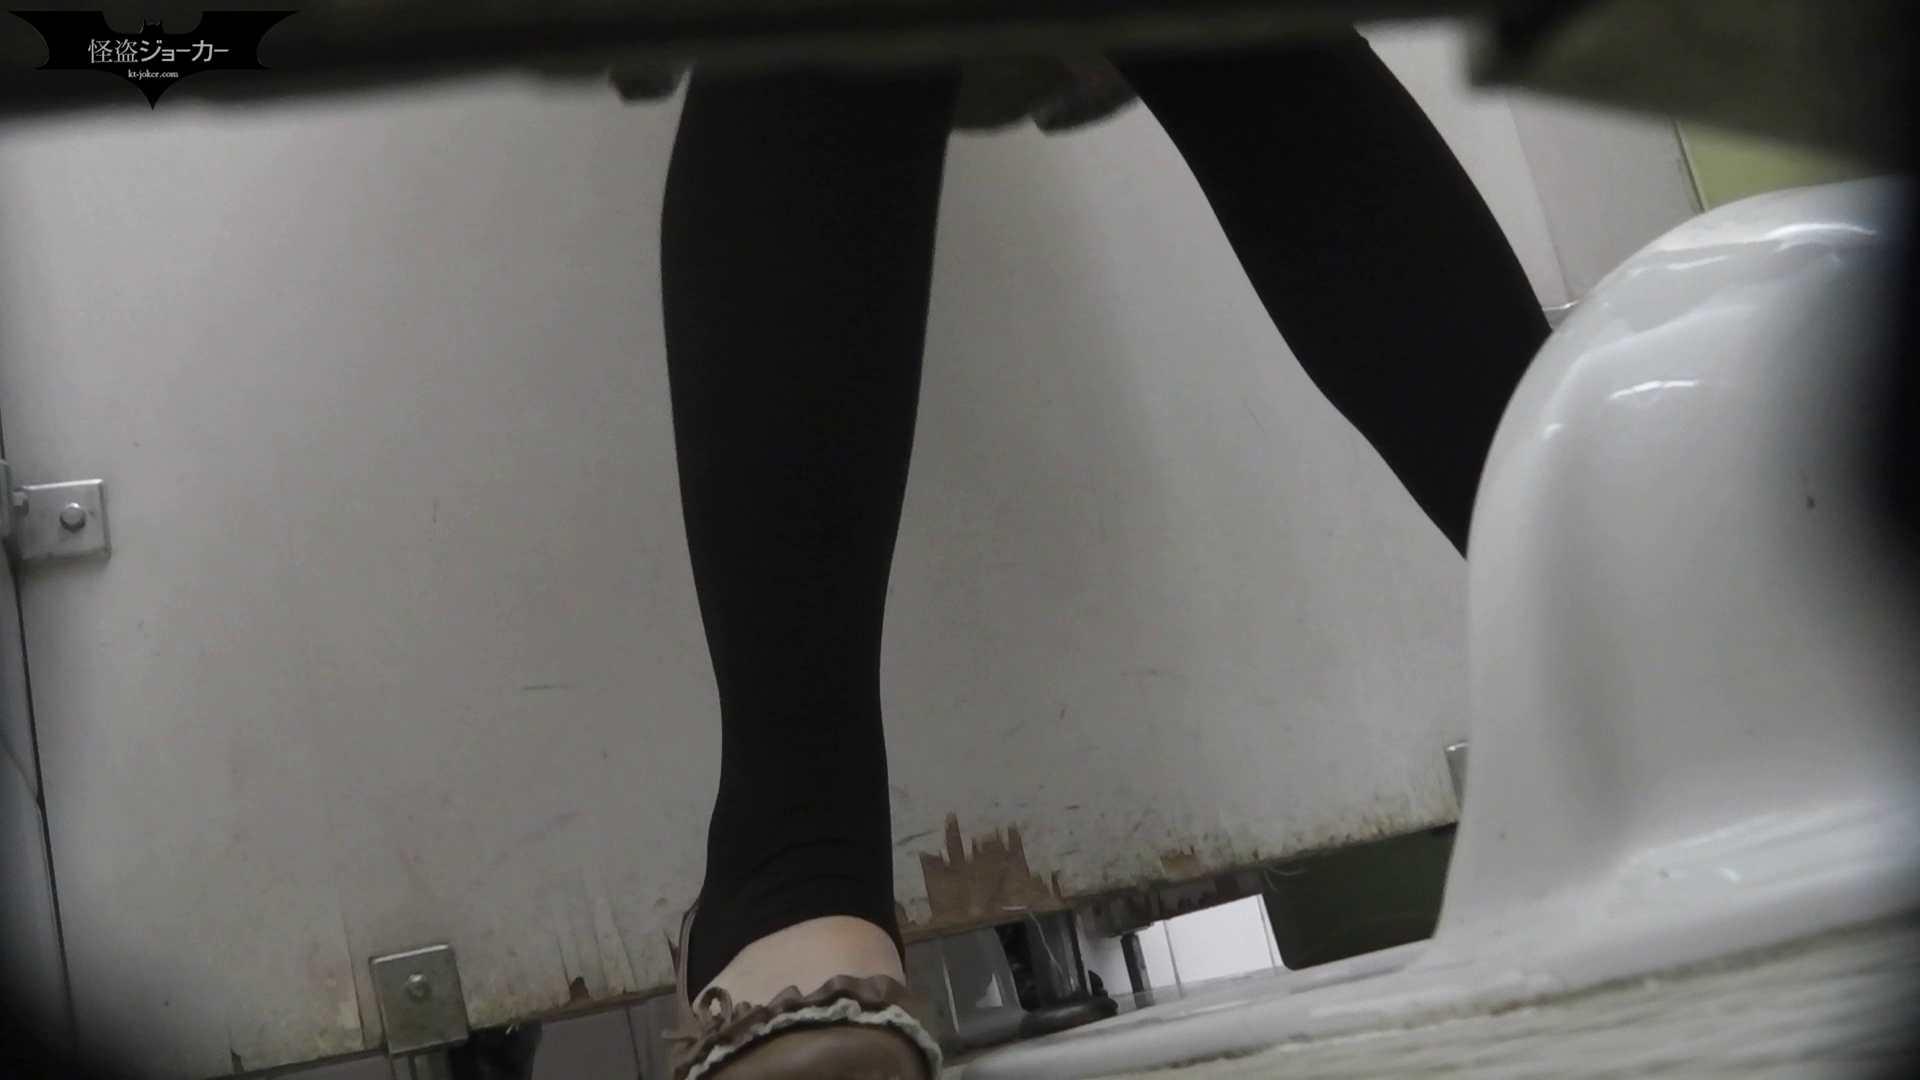 洗面所特攻隊 vol.047 モリモリ、ふきふきにスーパーズーム! お姉さん攻略 セックス無修正動画無料 113画像 58